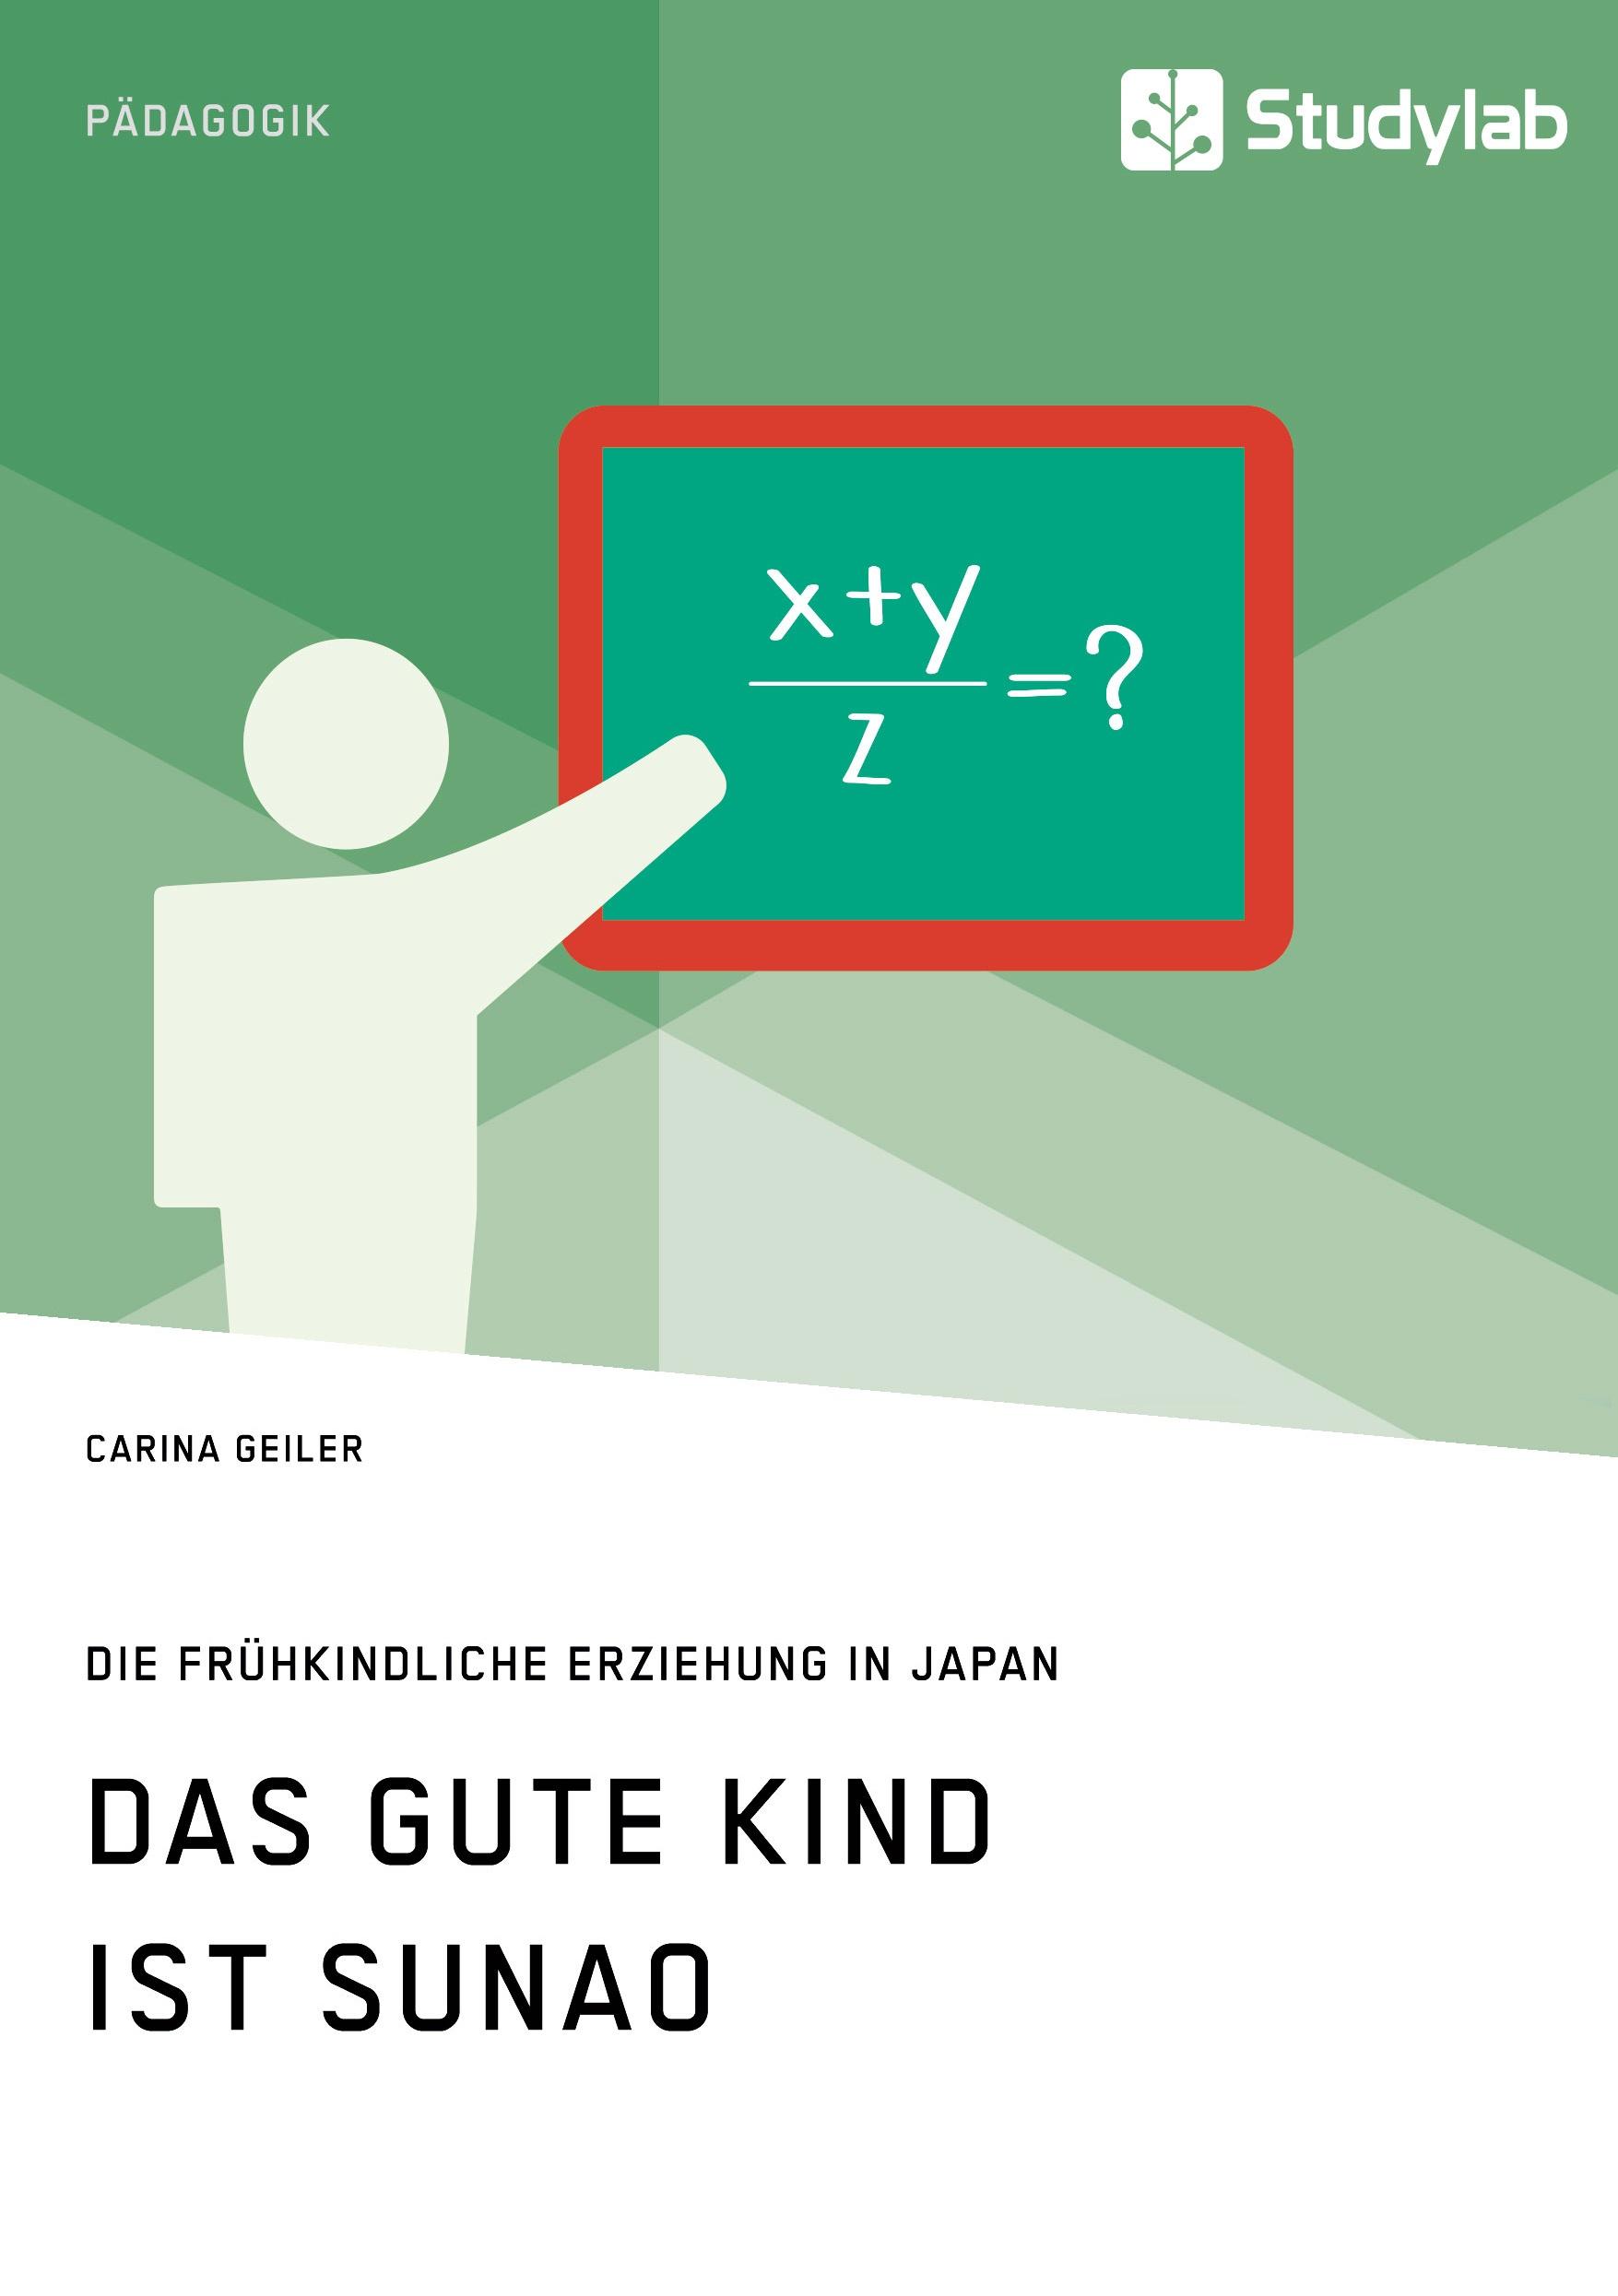 Titel: Das gute Kind ist sunao. Die frühkindliche Erziehung in Japan